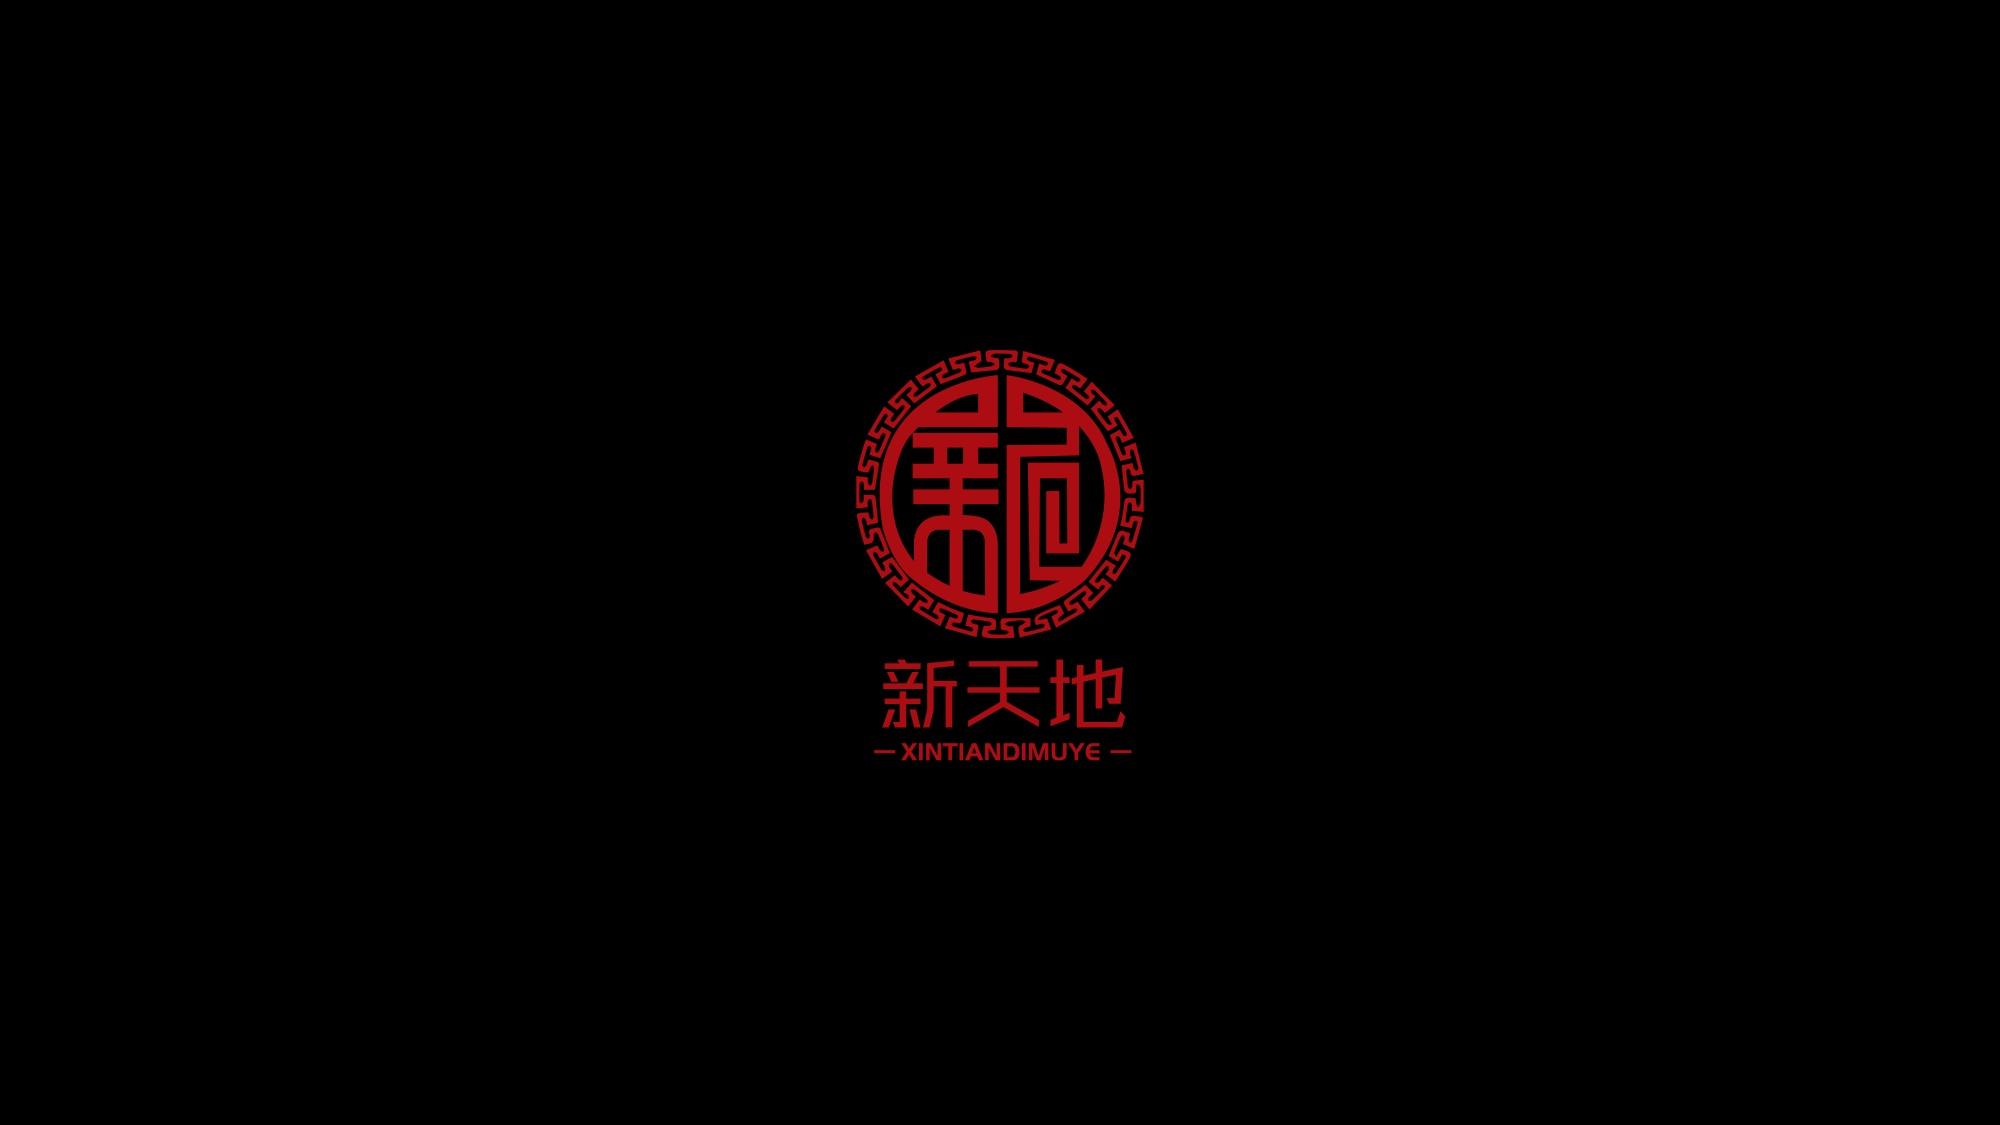 长春市新天地园艺景观有限公司3